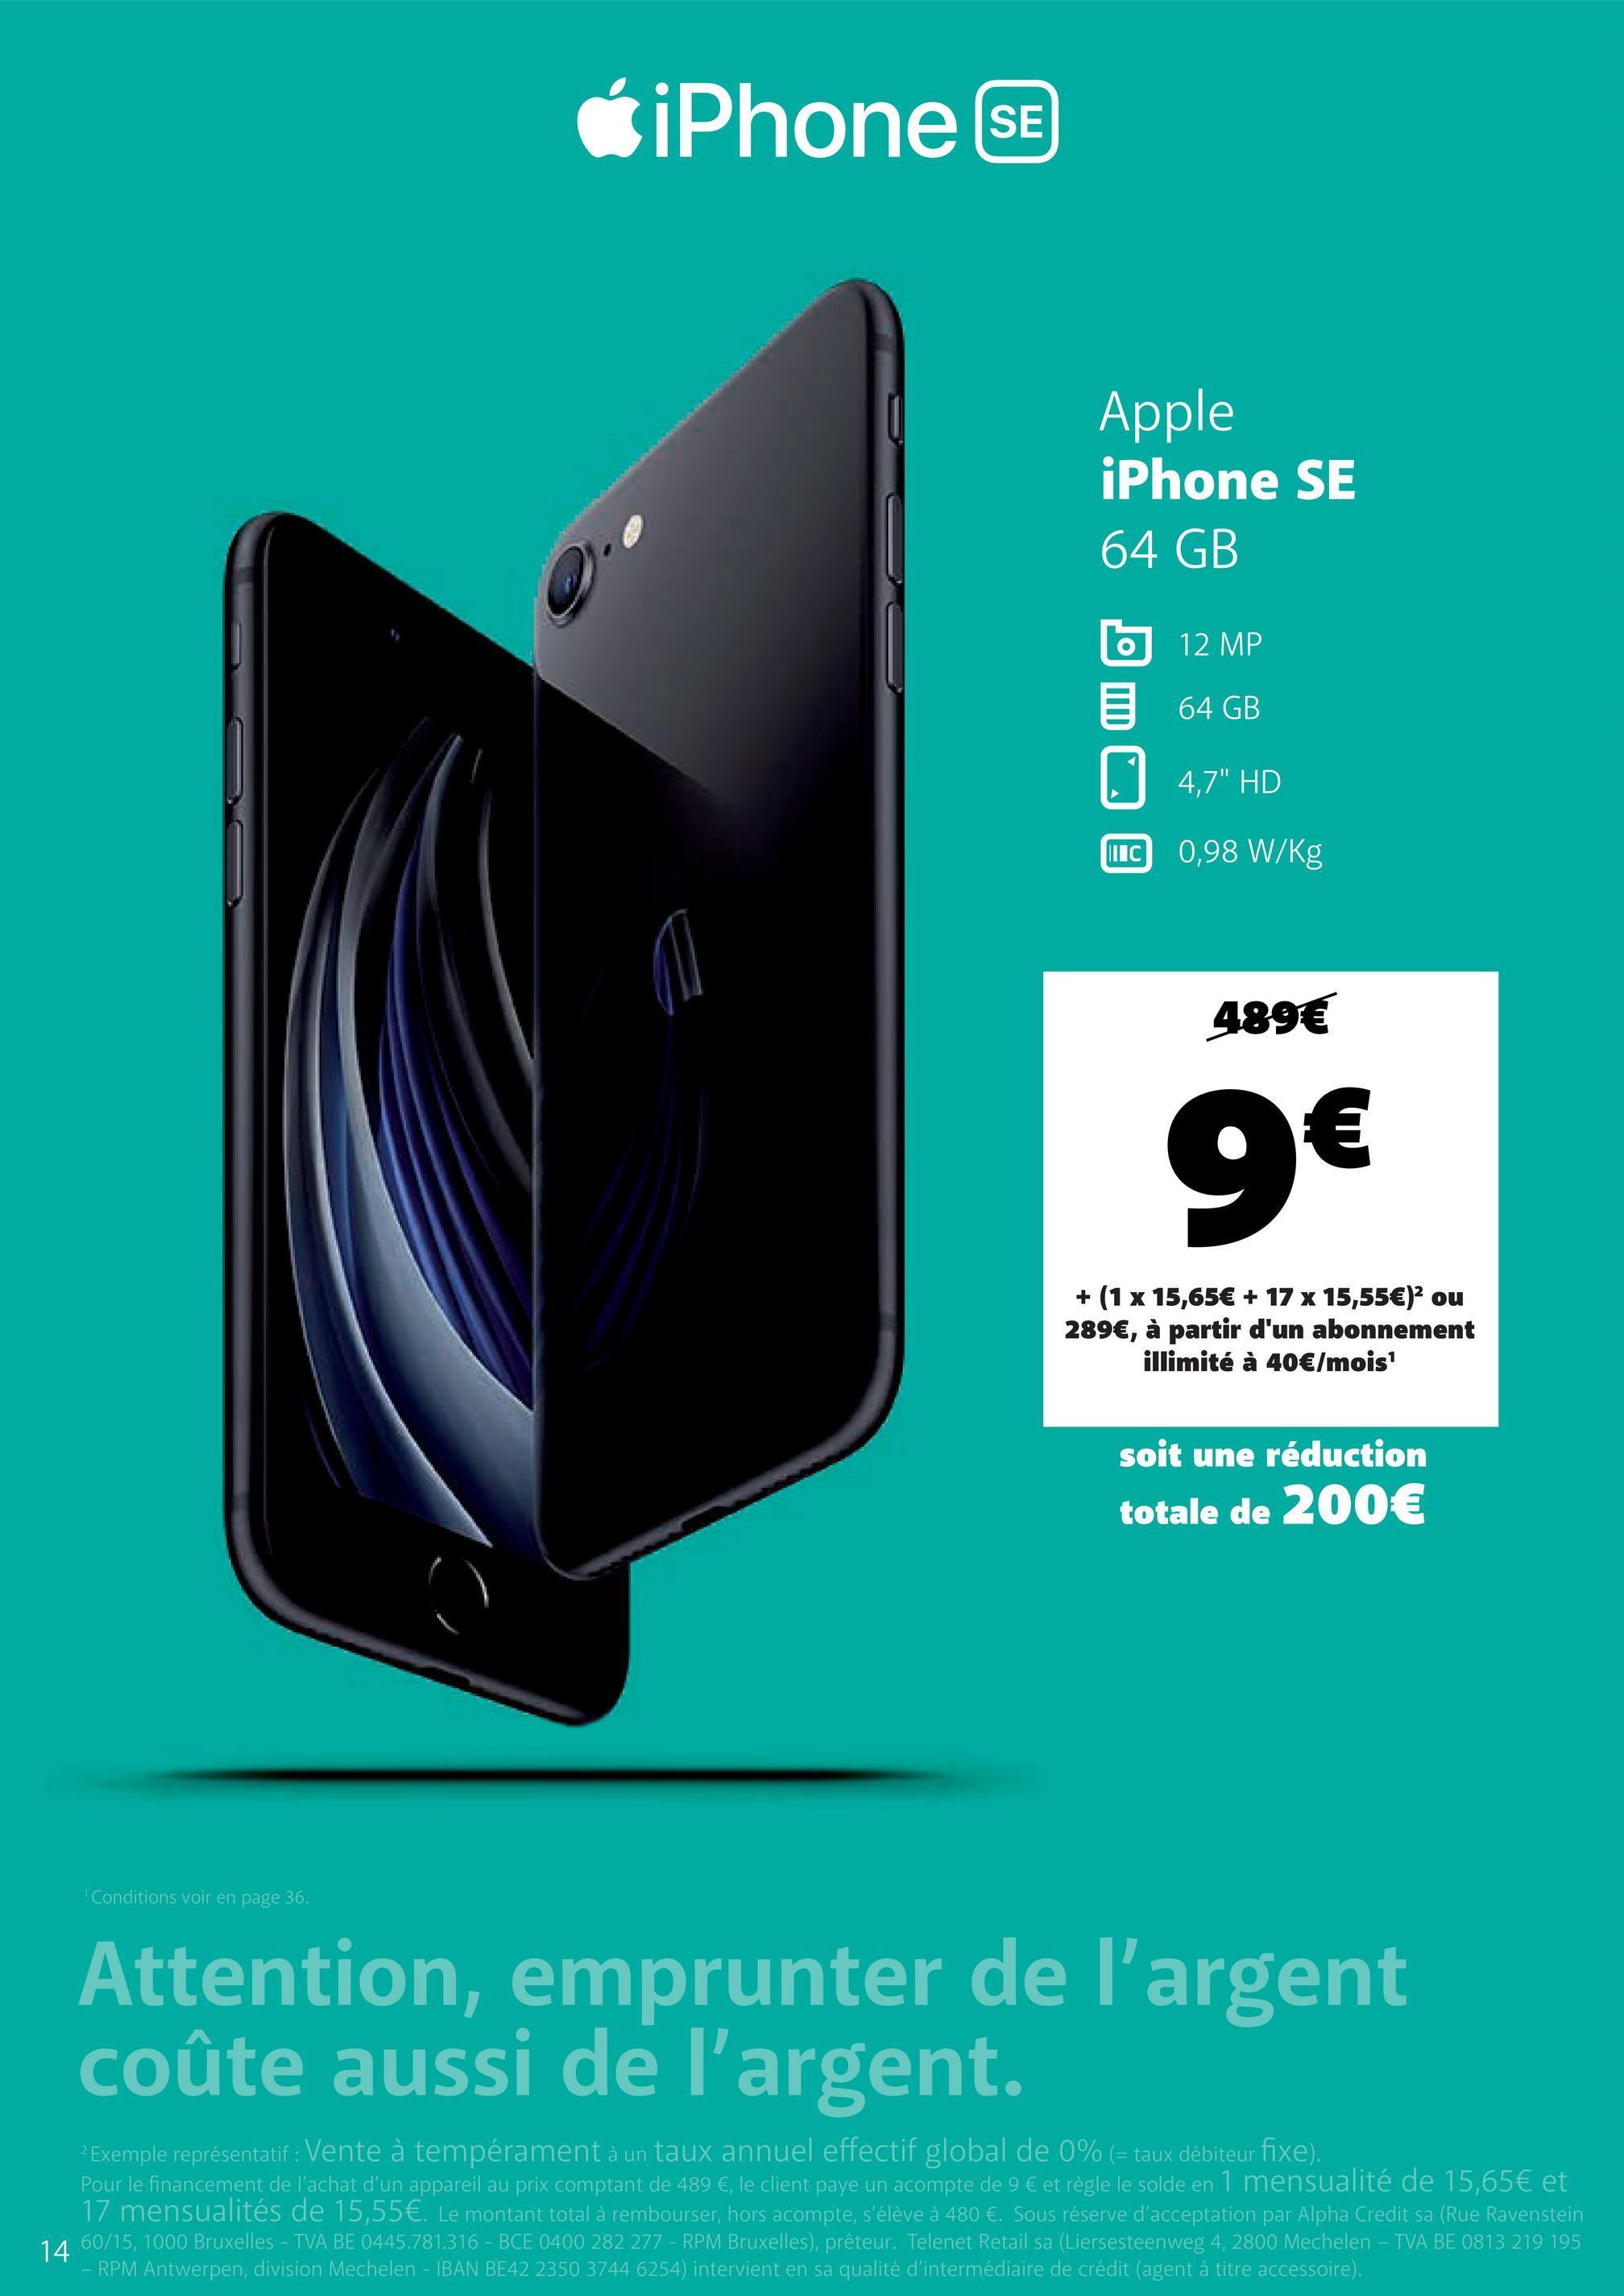 """CiPhone SE Apple iPhone SE 64 GB O 12 MP 64 GB 0 4,7"""" HD MIC 0,98 W/kg 489€ 9€ + (1 x 15,65€ + 17 x 15,55€)2 ou 289€, à partir d'un abonnement illimité à 40€/mois soit une réduction totale de 200€ 1 Conditions voir en page 36. Attention, emprunter de l'argent coûte aussi de l'argent. 2 Exemple représentatif : Vente à tempérament à un taux annuel effectif global de 0% (= taux débiteur fixe). Pour le financement de l'achat d'un appareil au prix comptant de 489 €, le client paye un acompte de 9 € et règle le solde en 1 mensualité de 15,65€ et 17 mensualités de 15,55€. Le montant total à rembourser, hors acompte, s'élève à 480 €. Sous réserve d'acceptation par Alpha Credit sa (Rue Ravenstein 14 60/15, 1000 Bruxelles - TVA BE 0445.781.316 - BCE 0400 282 277 - RPM Bruxelles), prêteur. Telenet Retail sa (Liersesteenweg 4, 2800 Mechelen - TVA BE 0813 219 195 RPM Antwerpen, division Mechelen - IBAN BE42 2350 3744 6254) intervient en sa qualité d'intermédiaire de crédit (agent à titre accessoire)."""